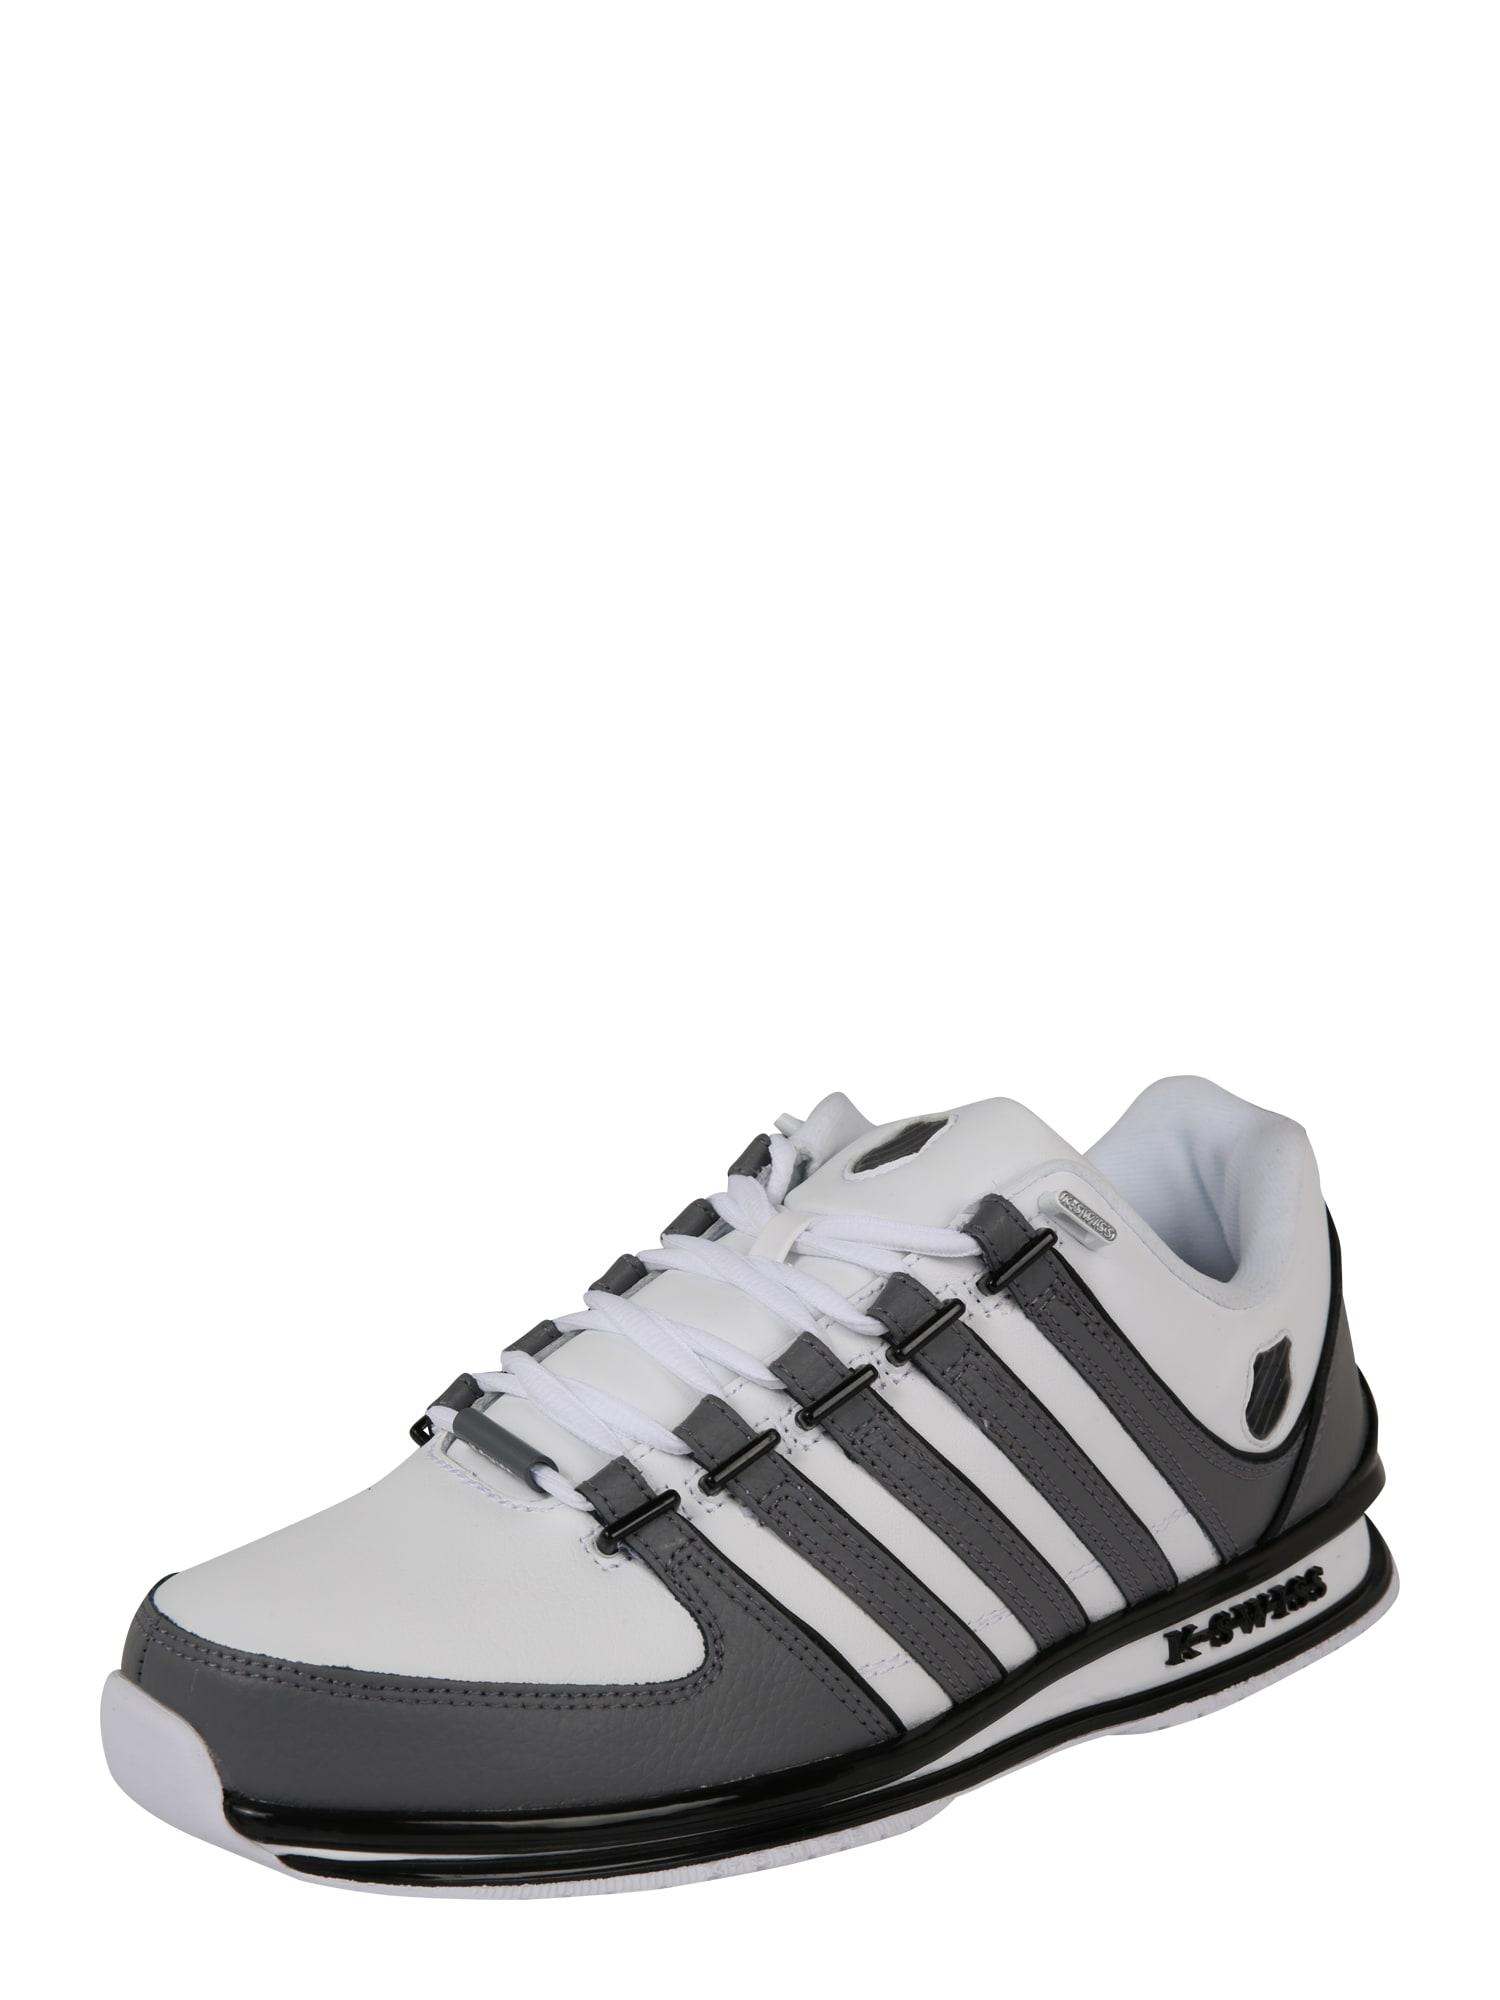 Tenisky Rinzler SP šedá bílá K-SWISS